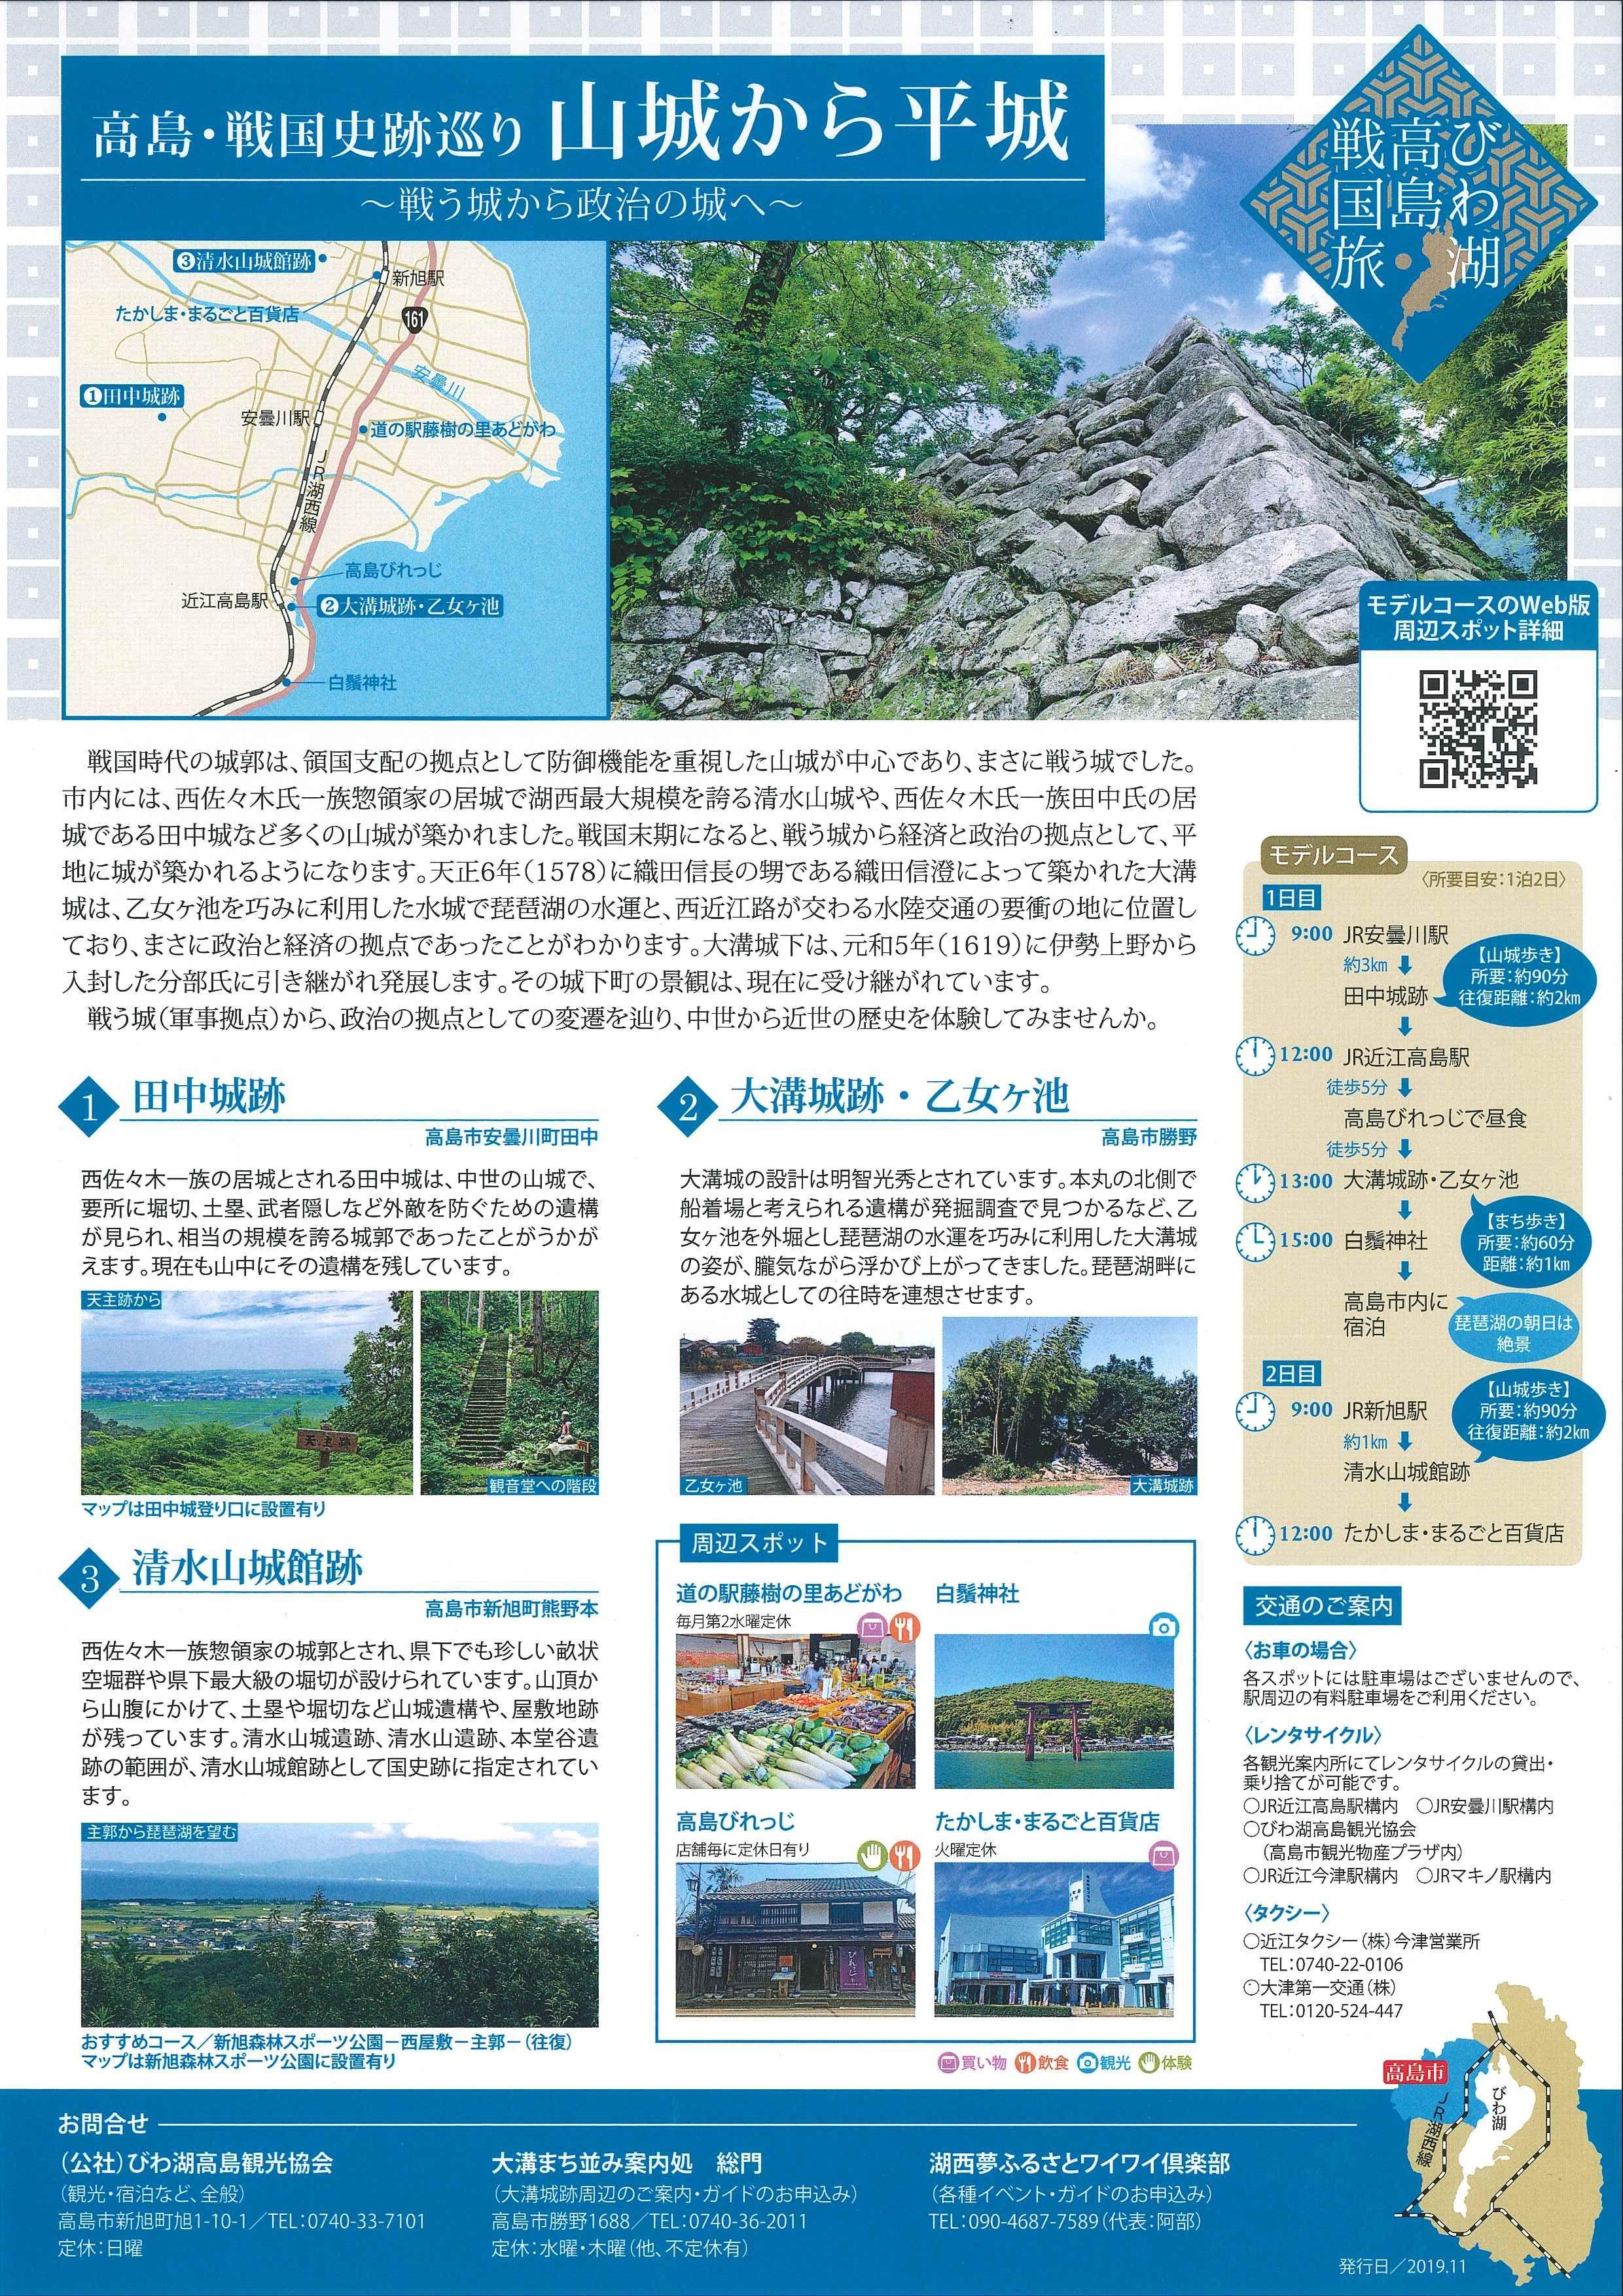 高島・戦国史跡巡り 山城から平成